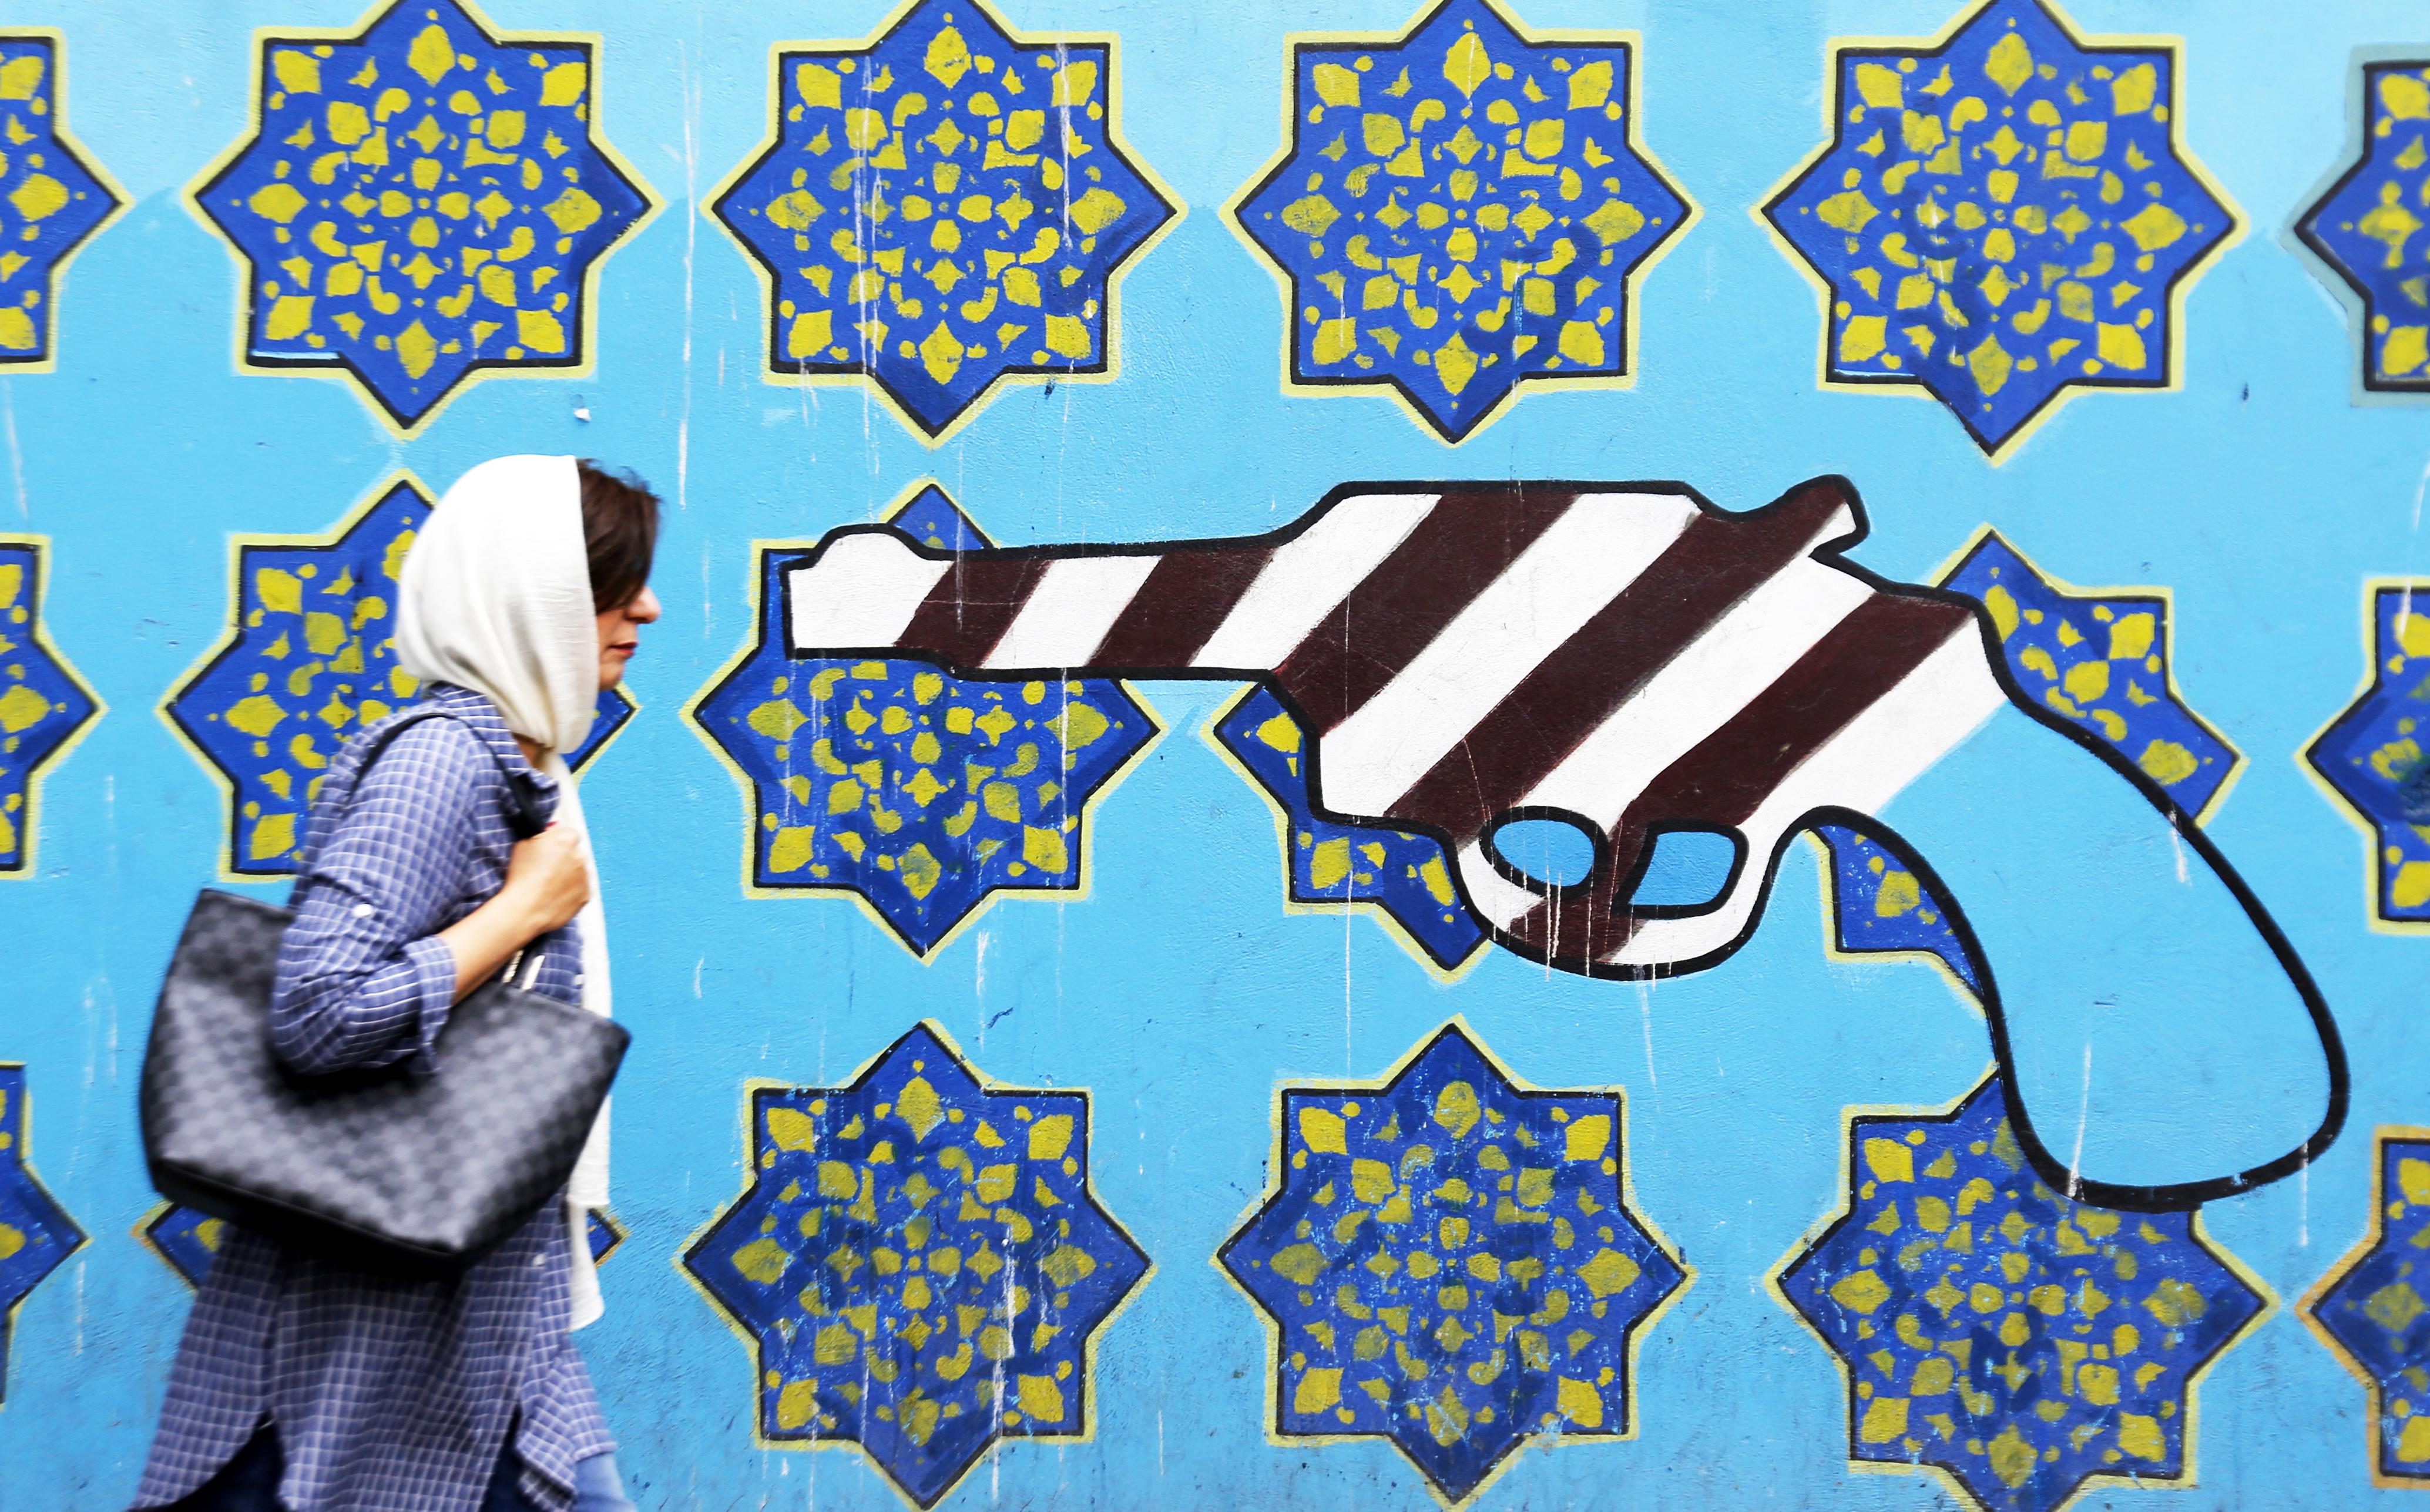 Trump emberei szerint már a szankciók bejelentése is elindította a politikai változást Iránban